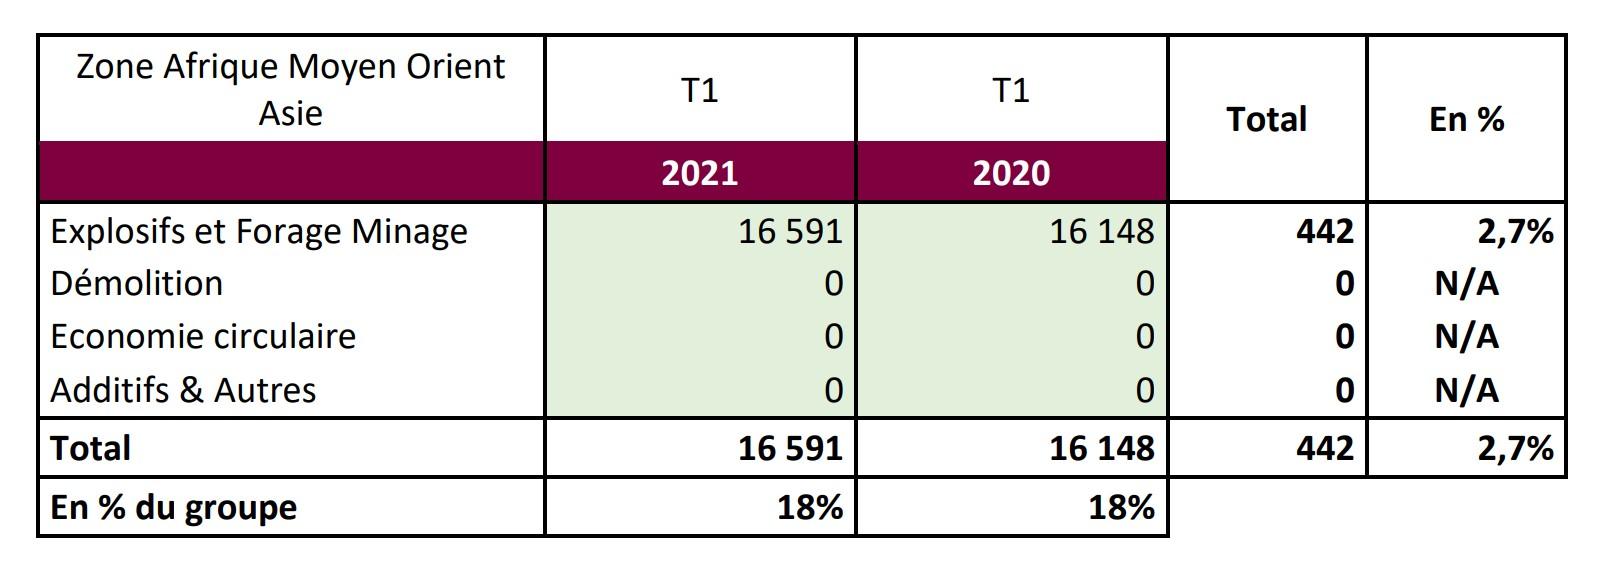 EPC - Zone Afrique Moyen-Orient T1 2021